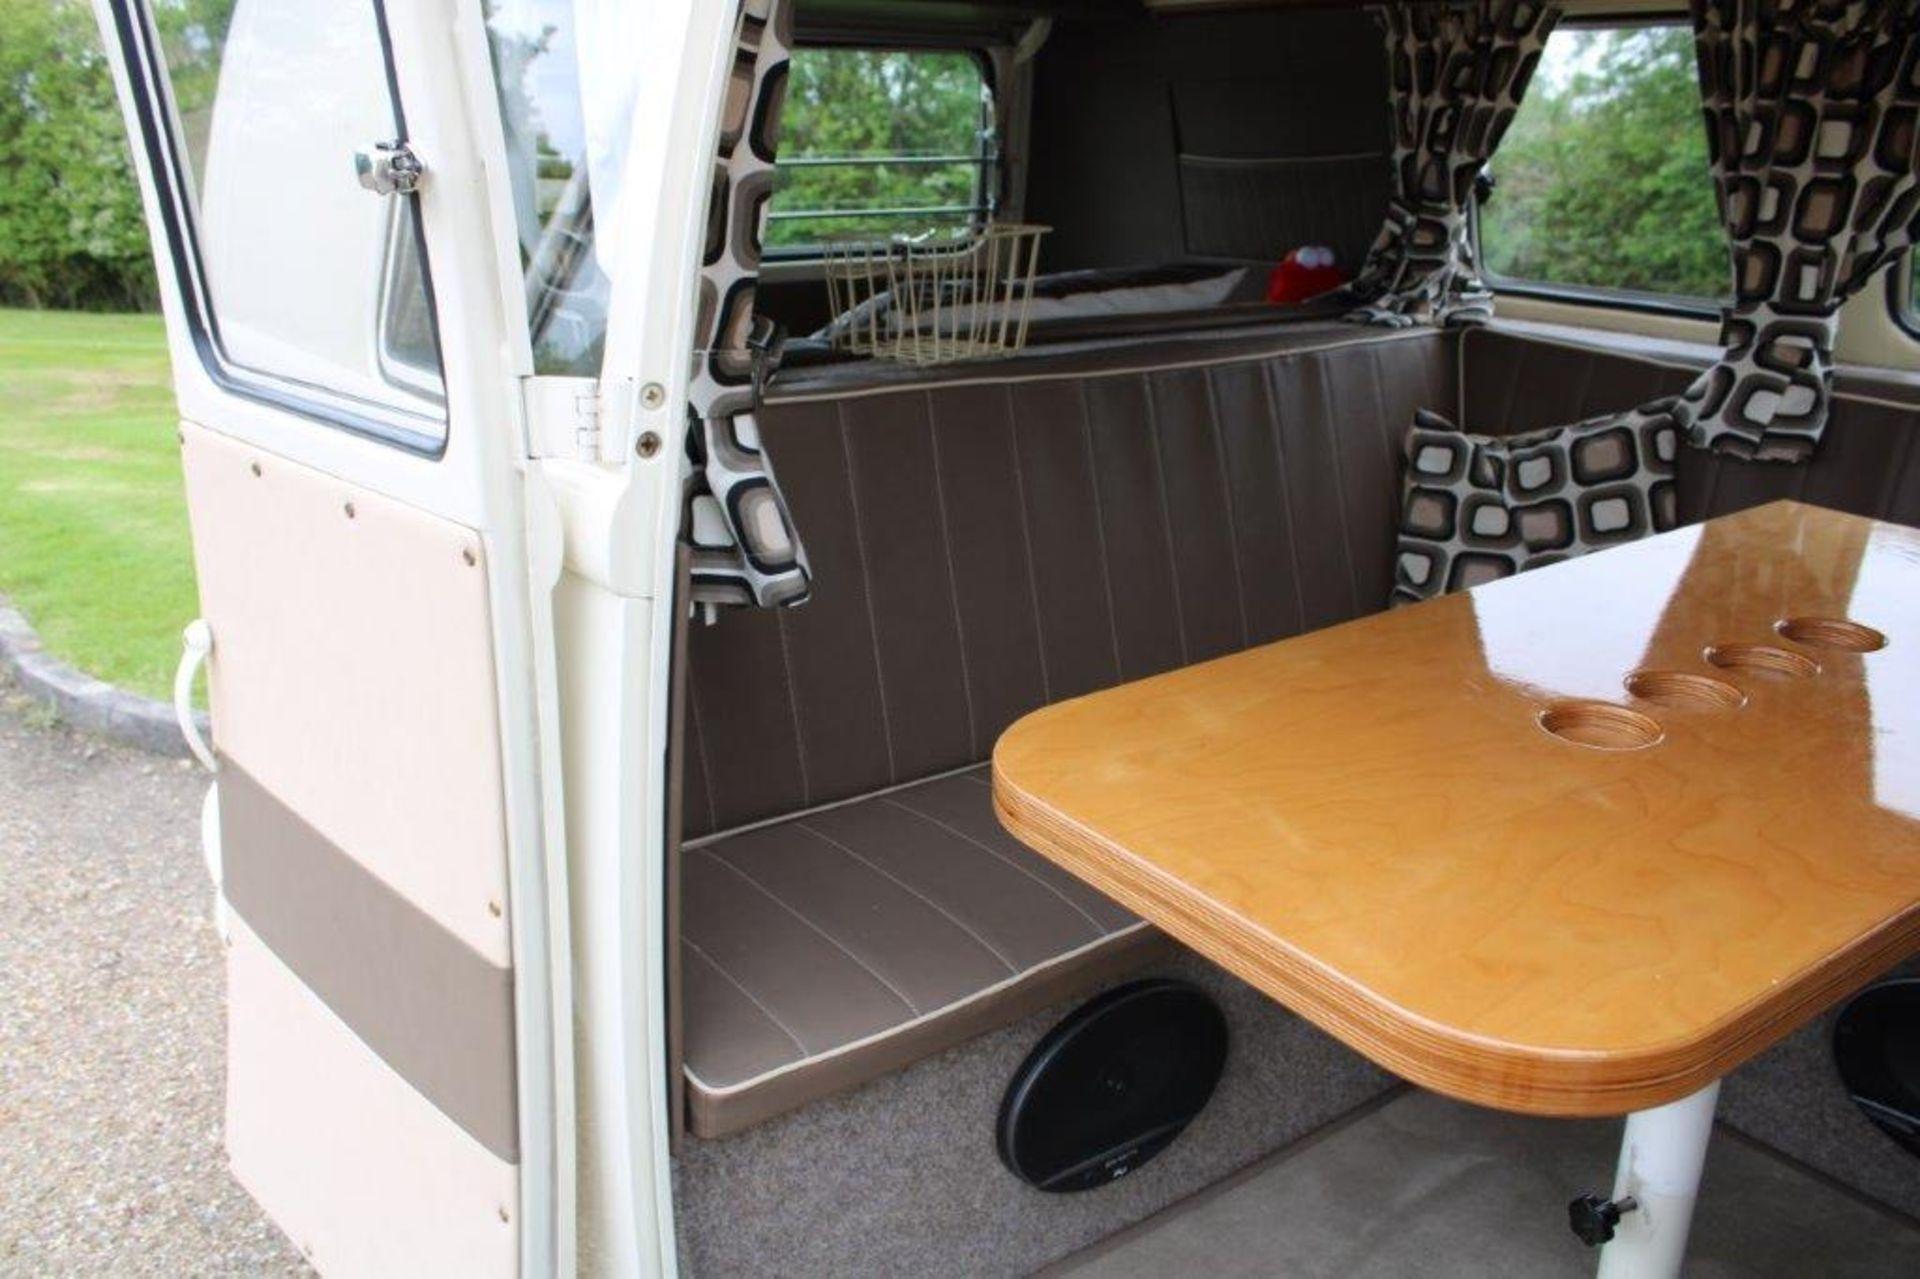 1966 Volkswagen Split Screen Camper LHD - Image 22 of 28